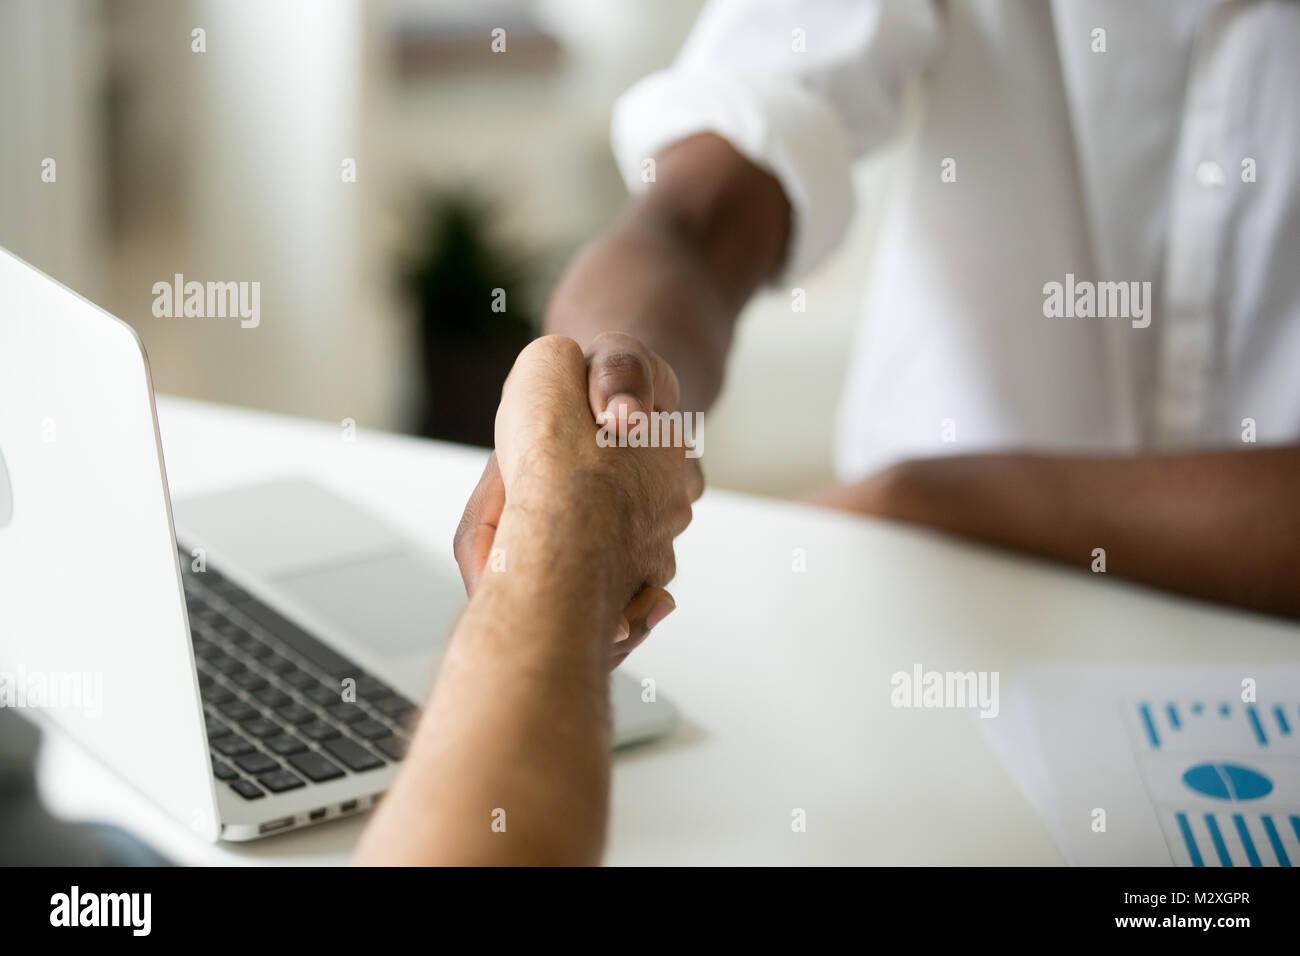 Multirassischen Business Handshake Konzept, African American Und  Kaukasische Partner Händeschütteln über Stockbild